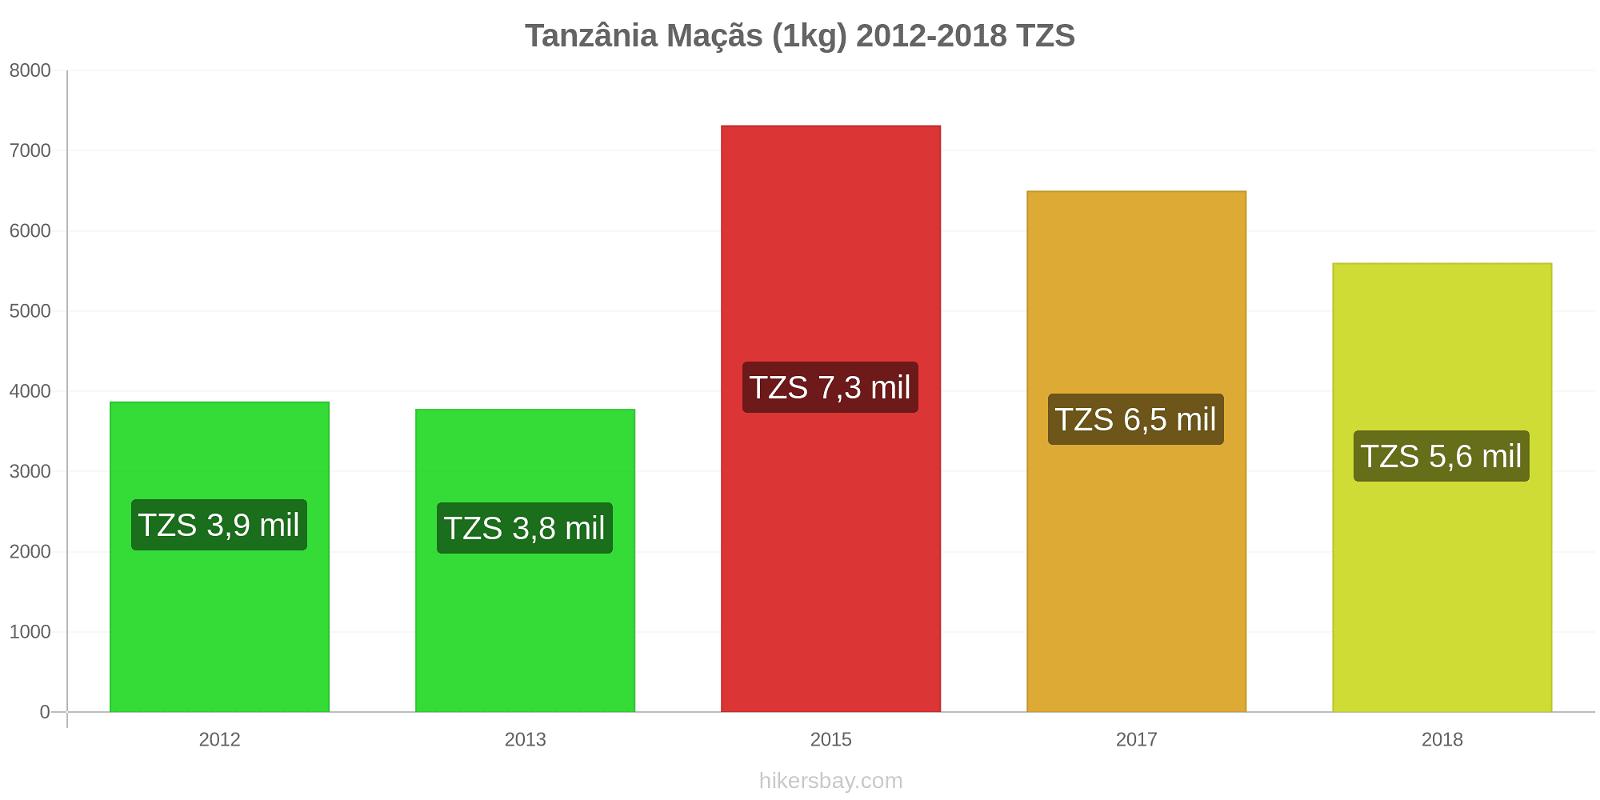 Tanzânia variação de preço Maçãs (1kg) hikersbay.com